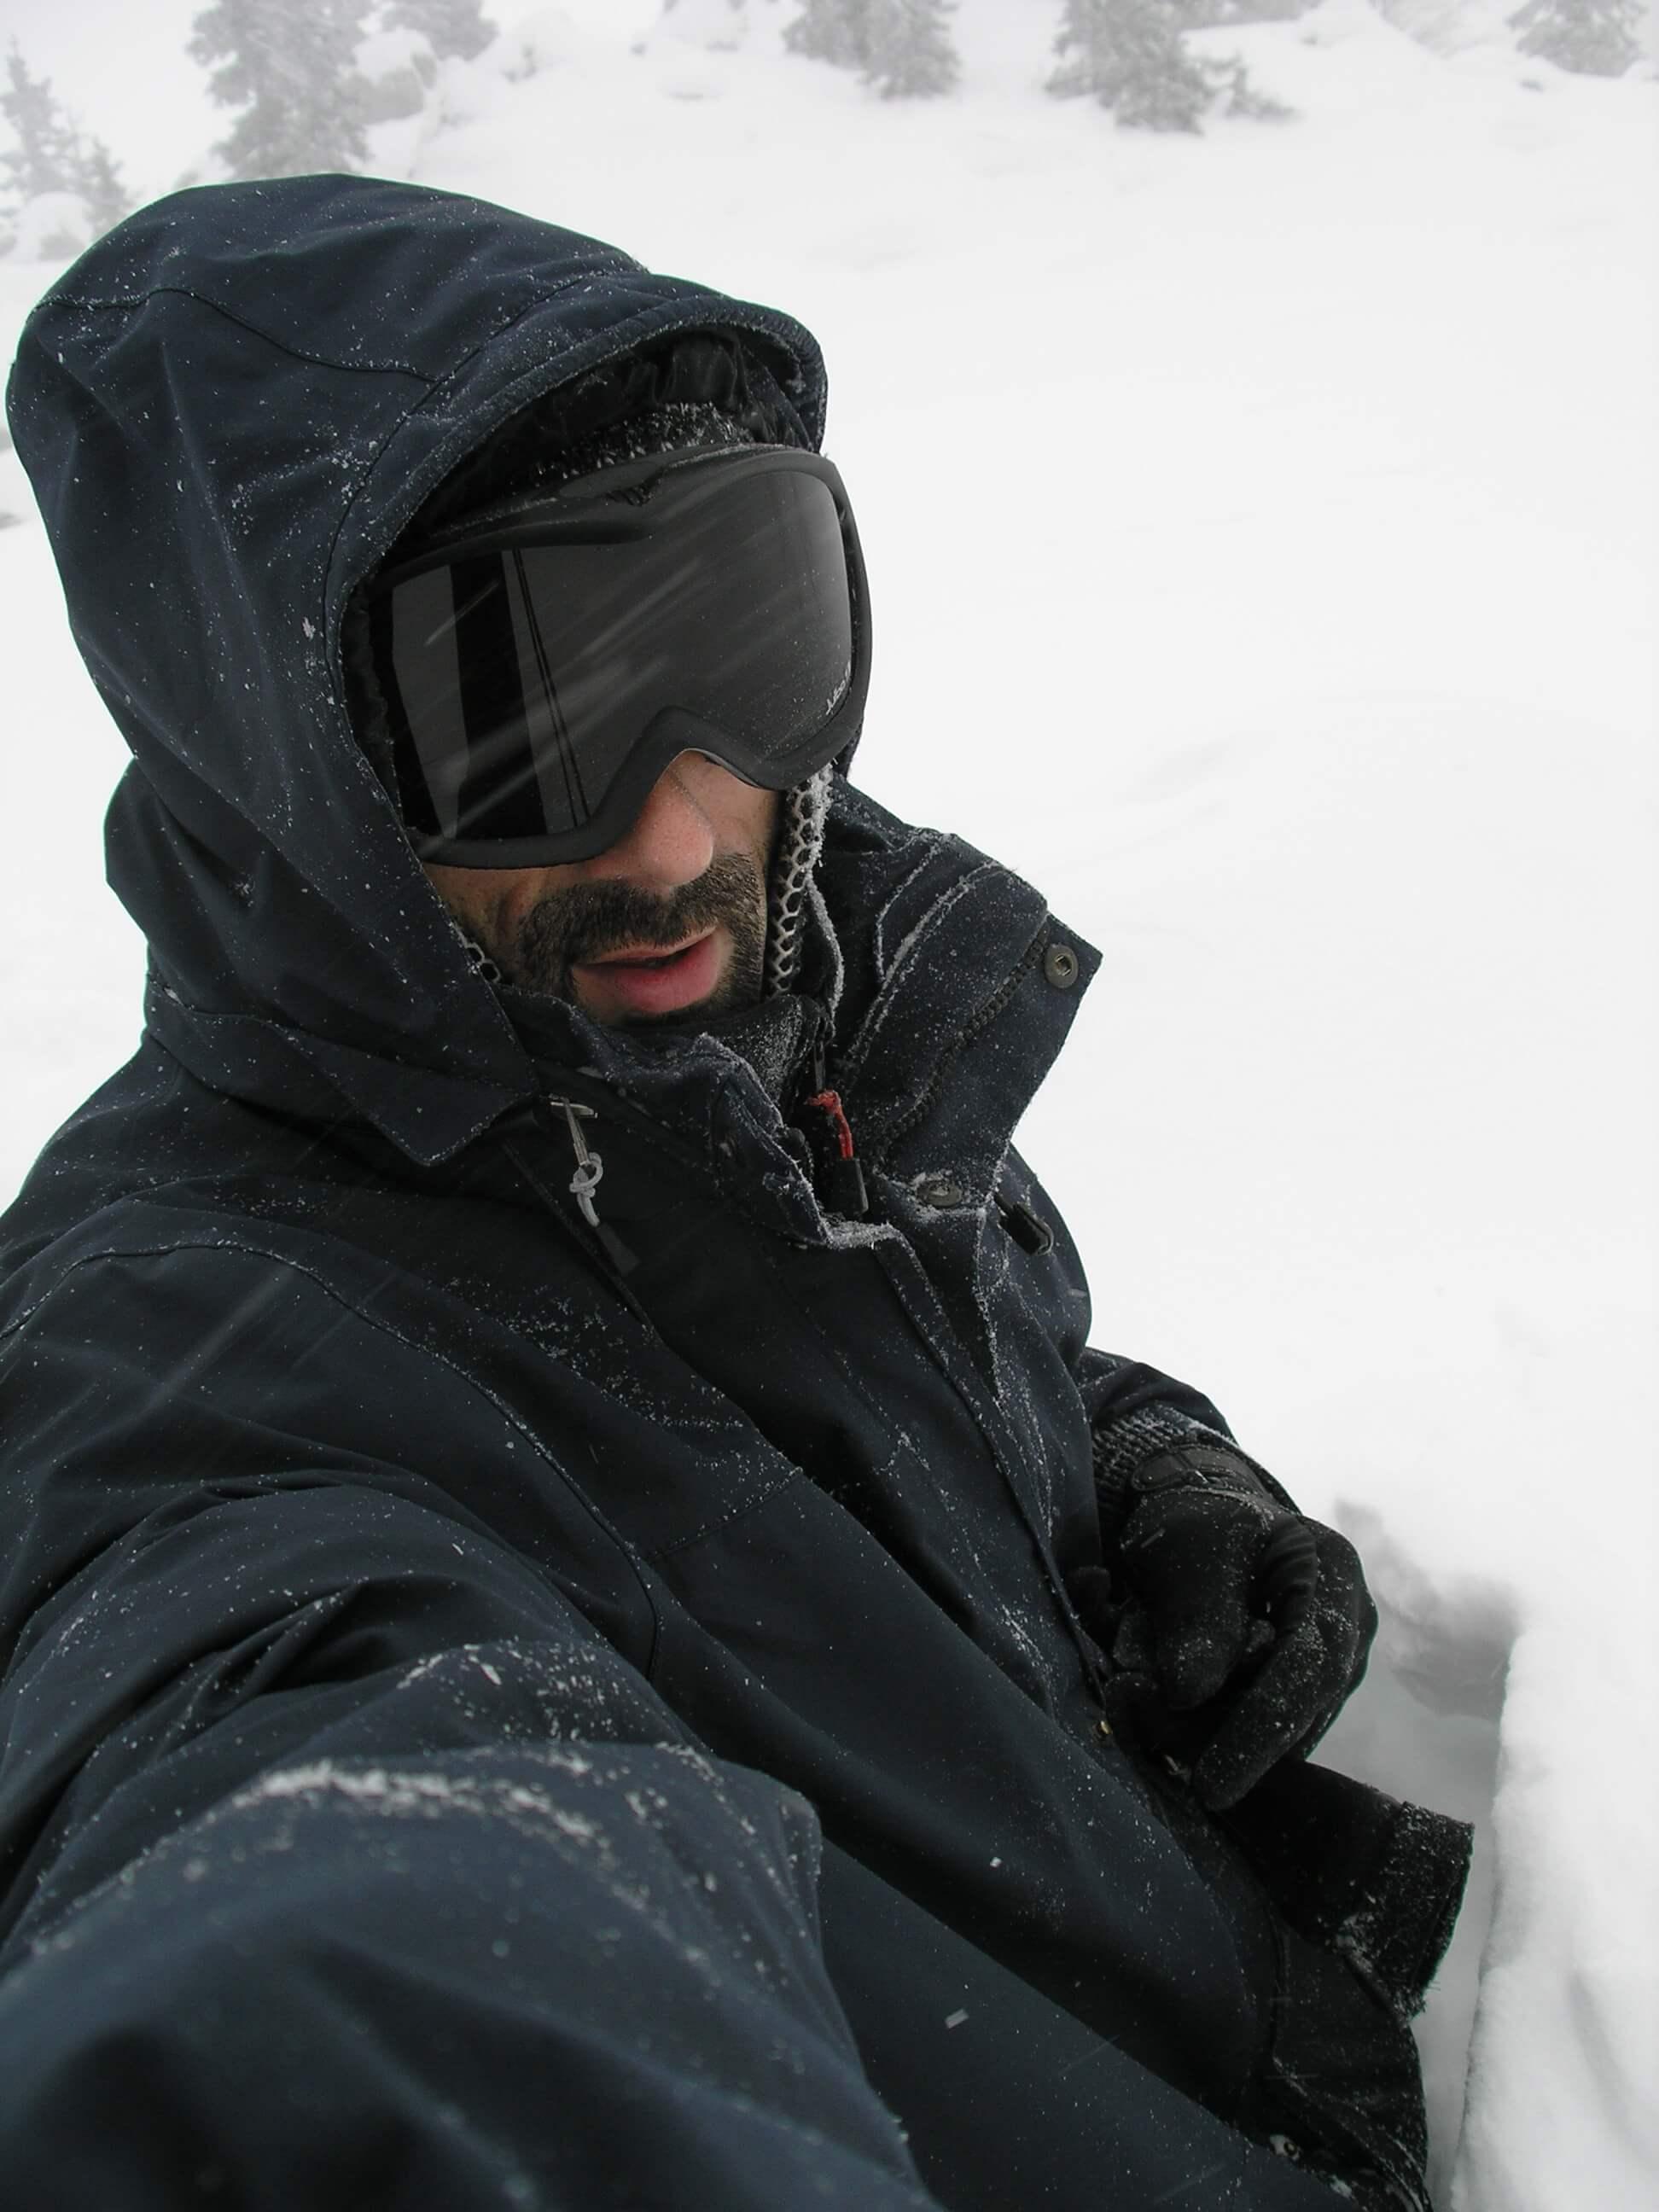 freelance fotograf Ivan Vukušić na snijegu preko jaja